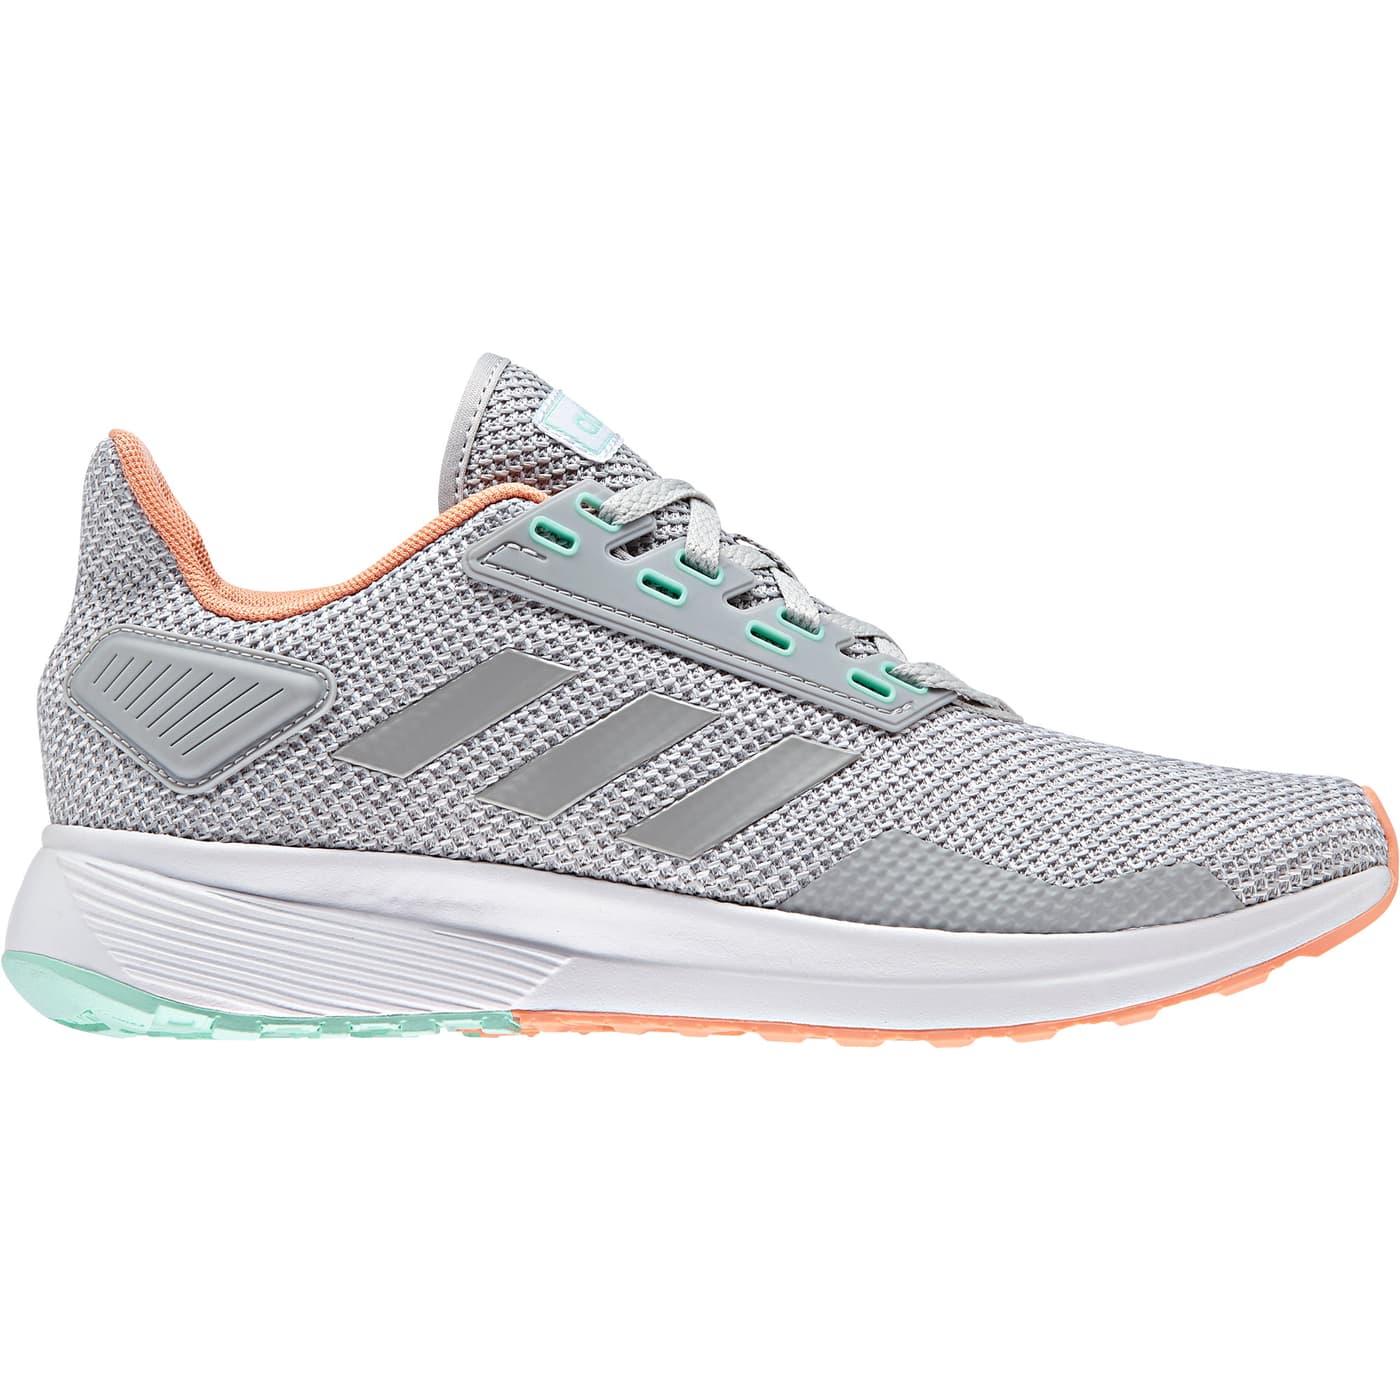 big sale bd7c7 d4a69 Adidas Duramo 9 Chaussures de course pour femme ...